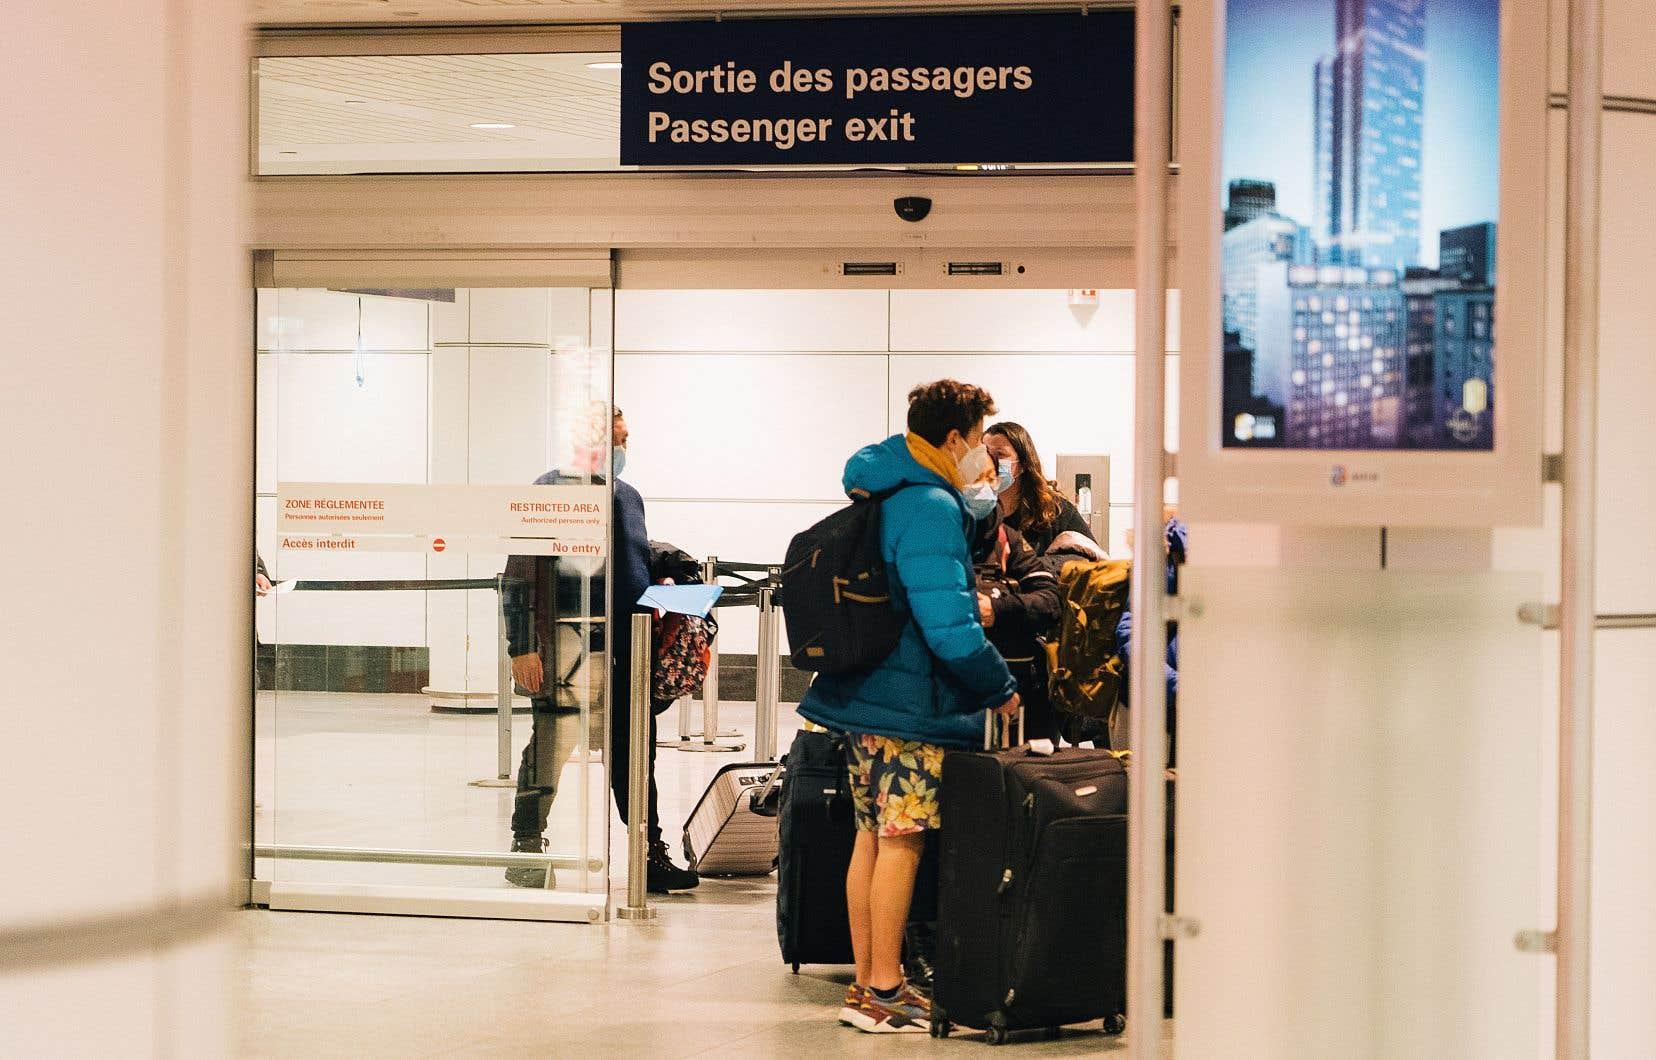 Le gouvernement Trudeau a annoncé mercredi midi qu'il demanderait «dans les prochains jours» la présentation d'un test de dépistage négatif à la COVID-19 datant de moins de 72heures à tous les voyageurs souhaitant entrer au pays.